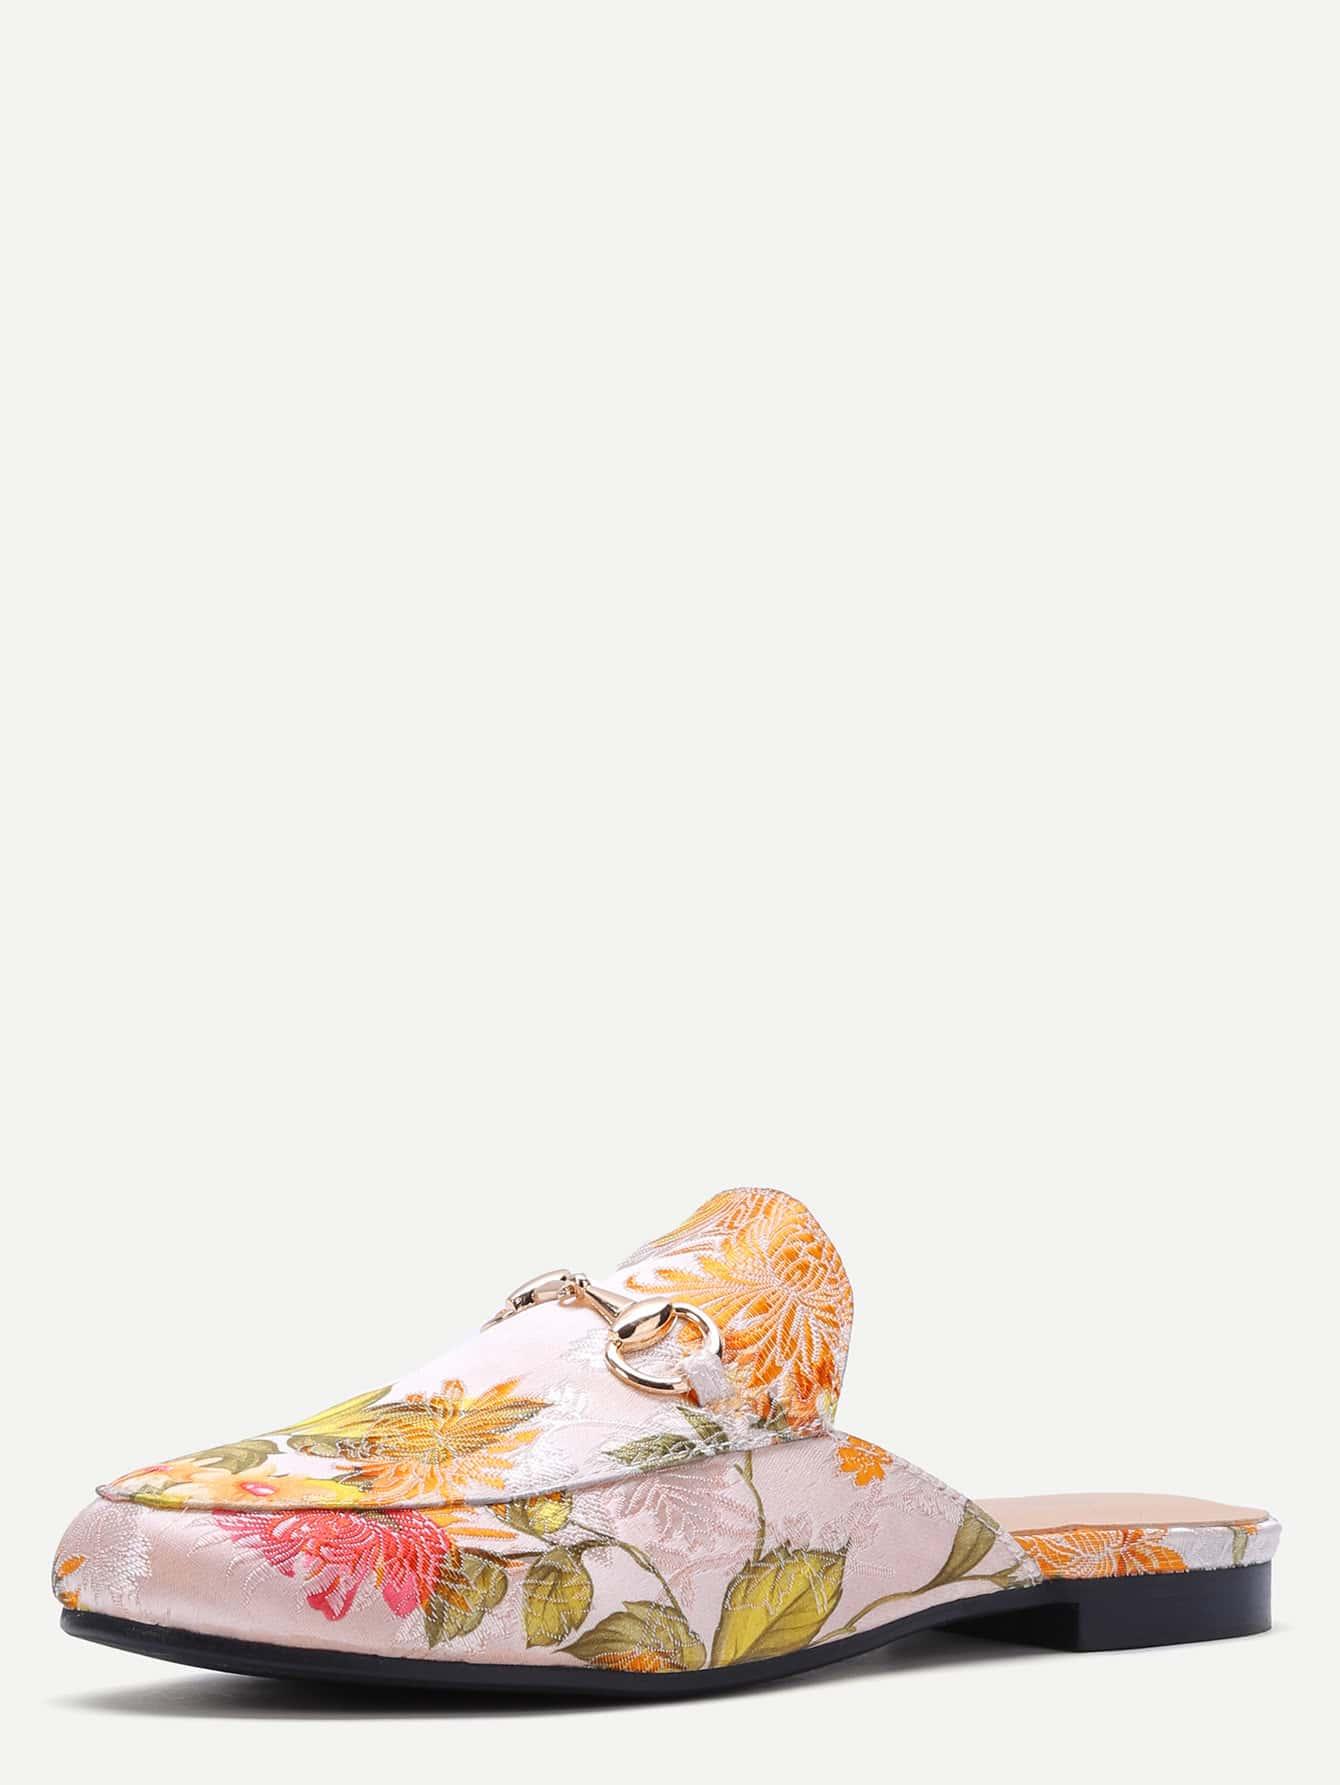 shoes170104804_2